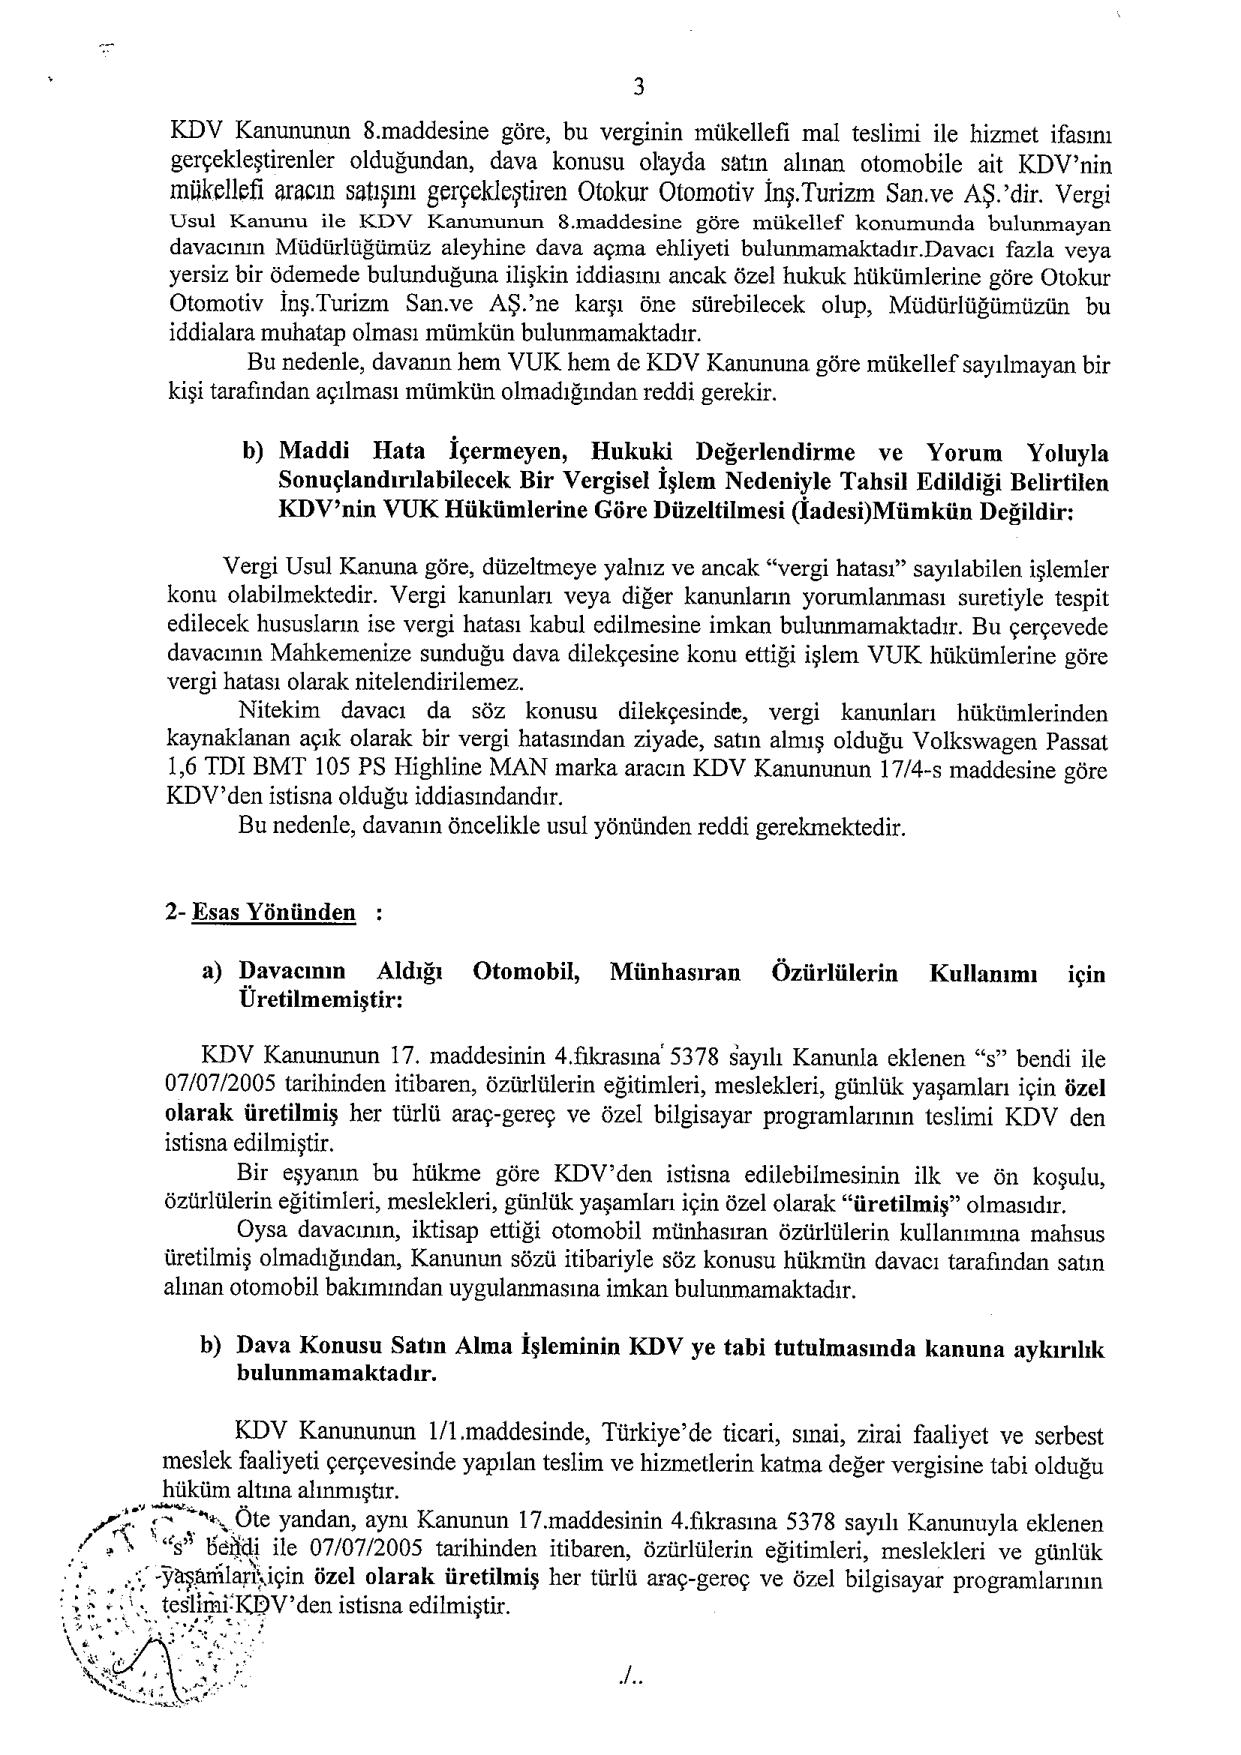 Sakarya VD savunma3 - Sakat statüsünde alınan araç için ödenen KDV'nin geri alınması işlemleri ve süreç